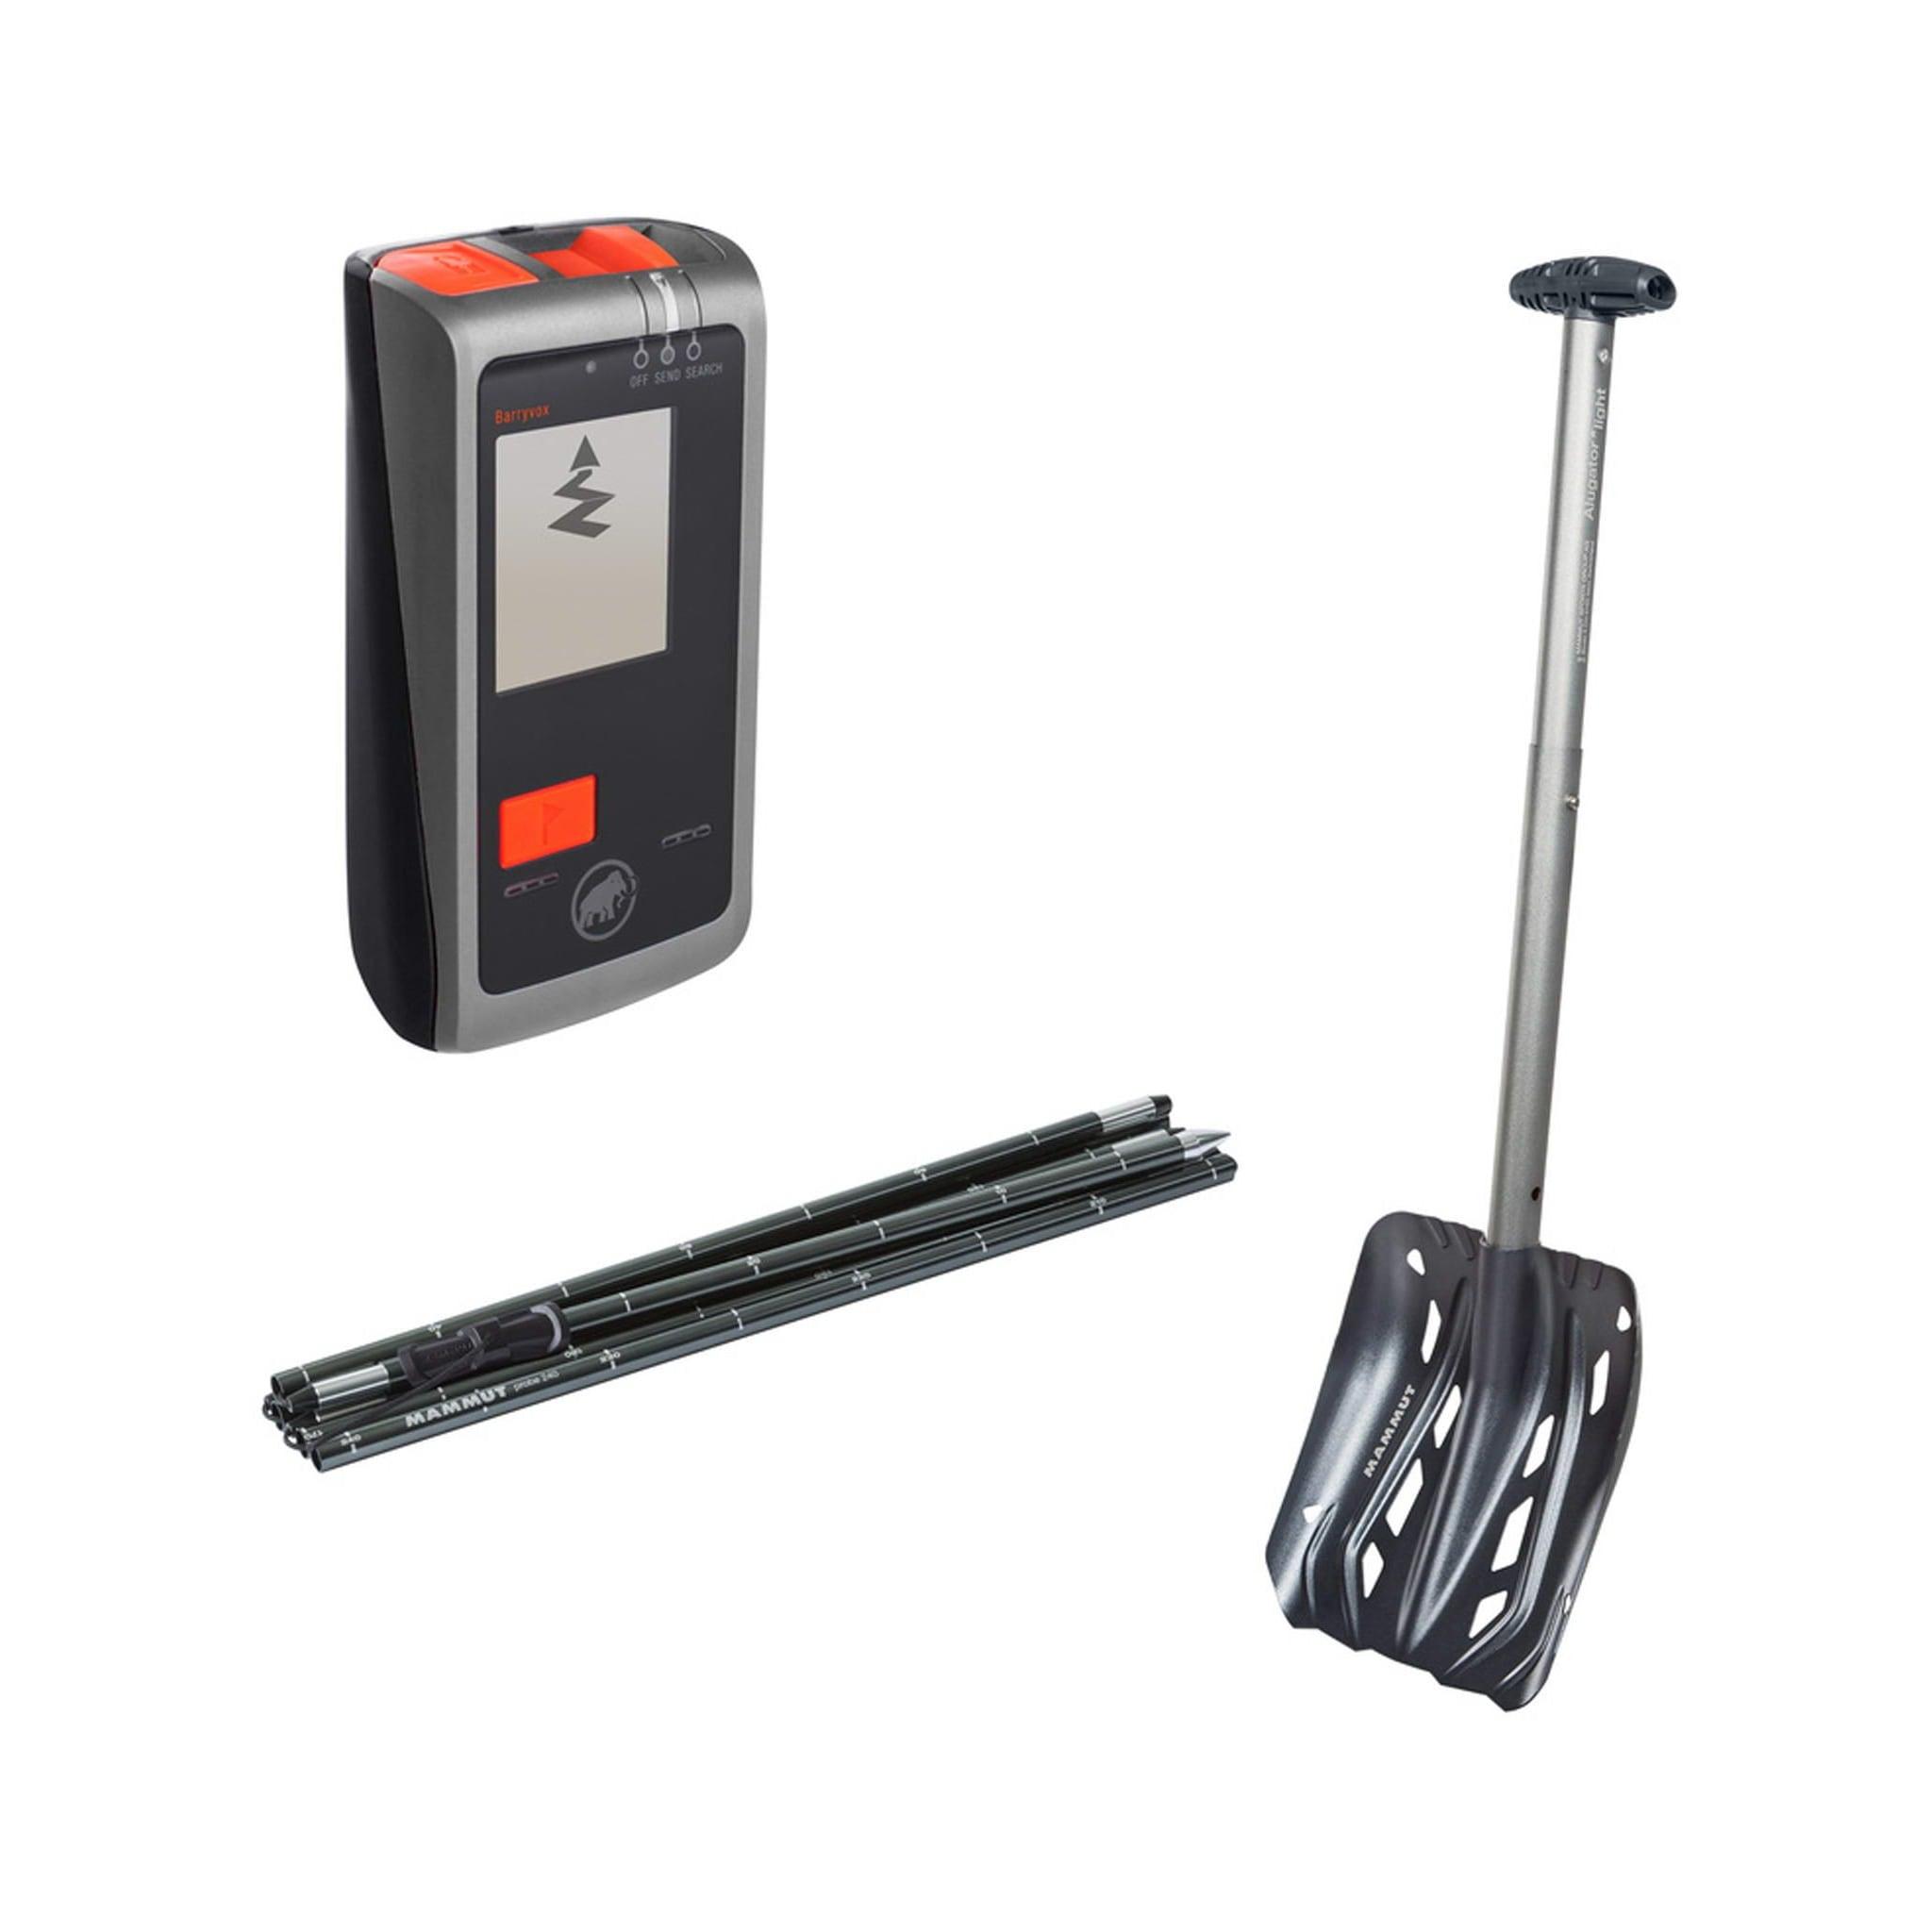 Sender/mottaker med 3 antenner, superlett spade og lett og kort sammenslått søkestang